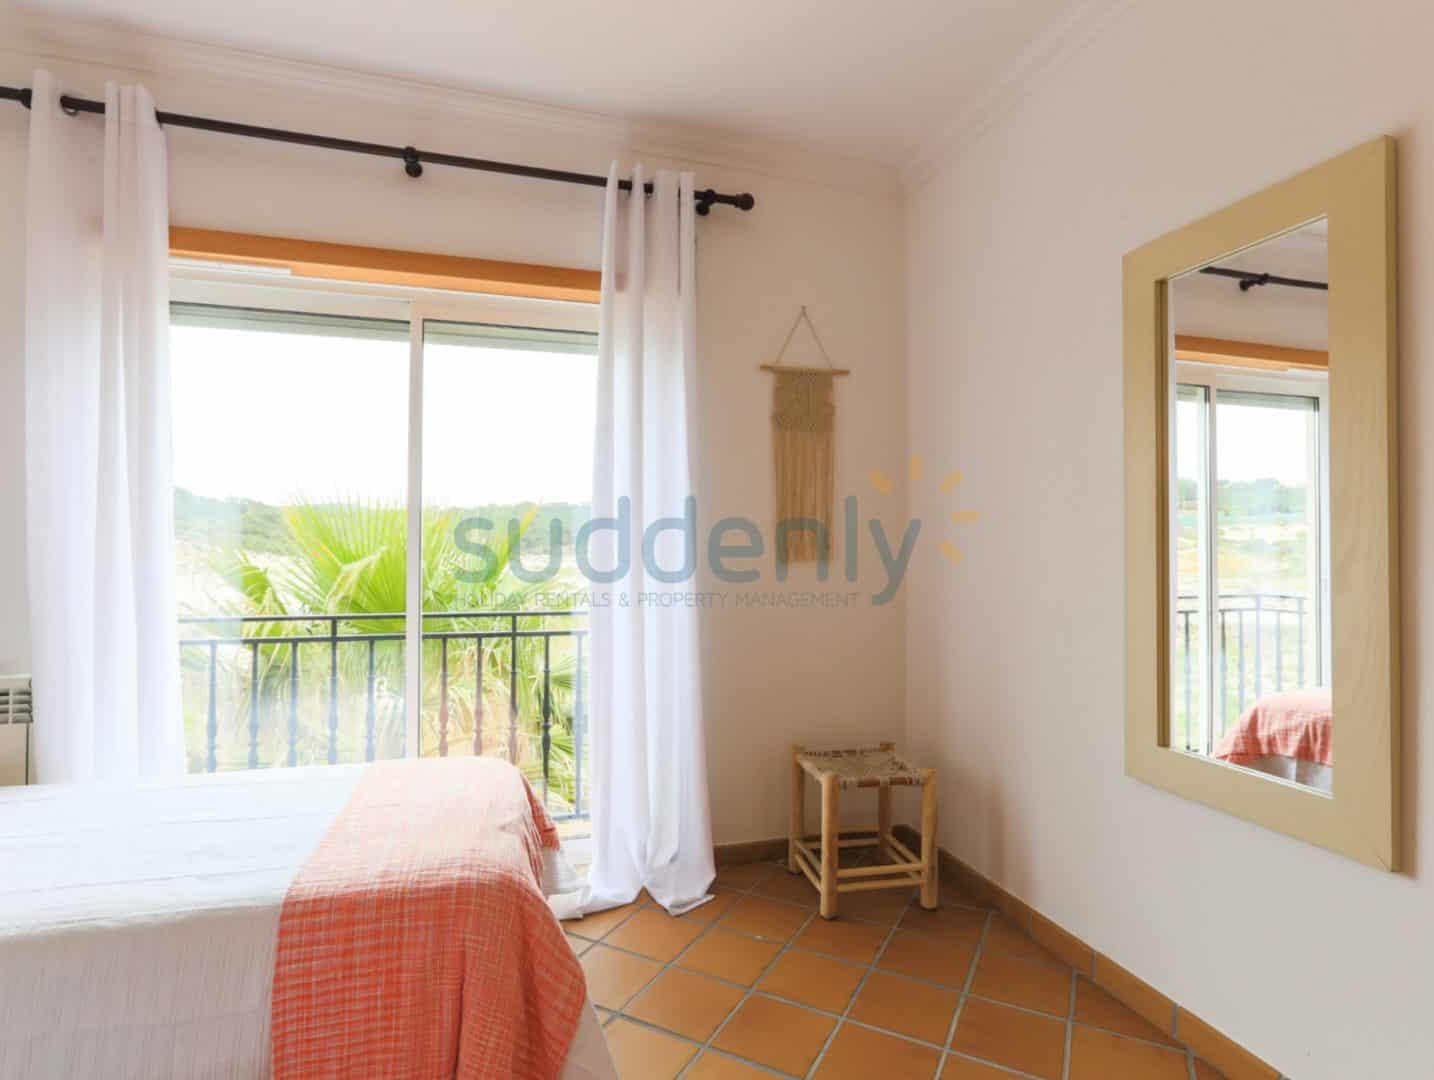 Locations de Vacances à Praia D'El Rey 323